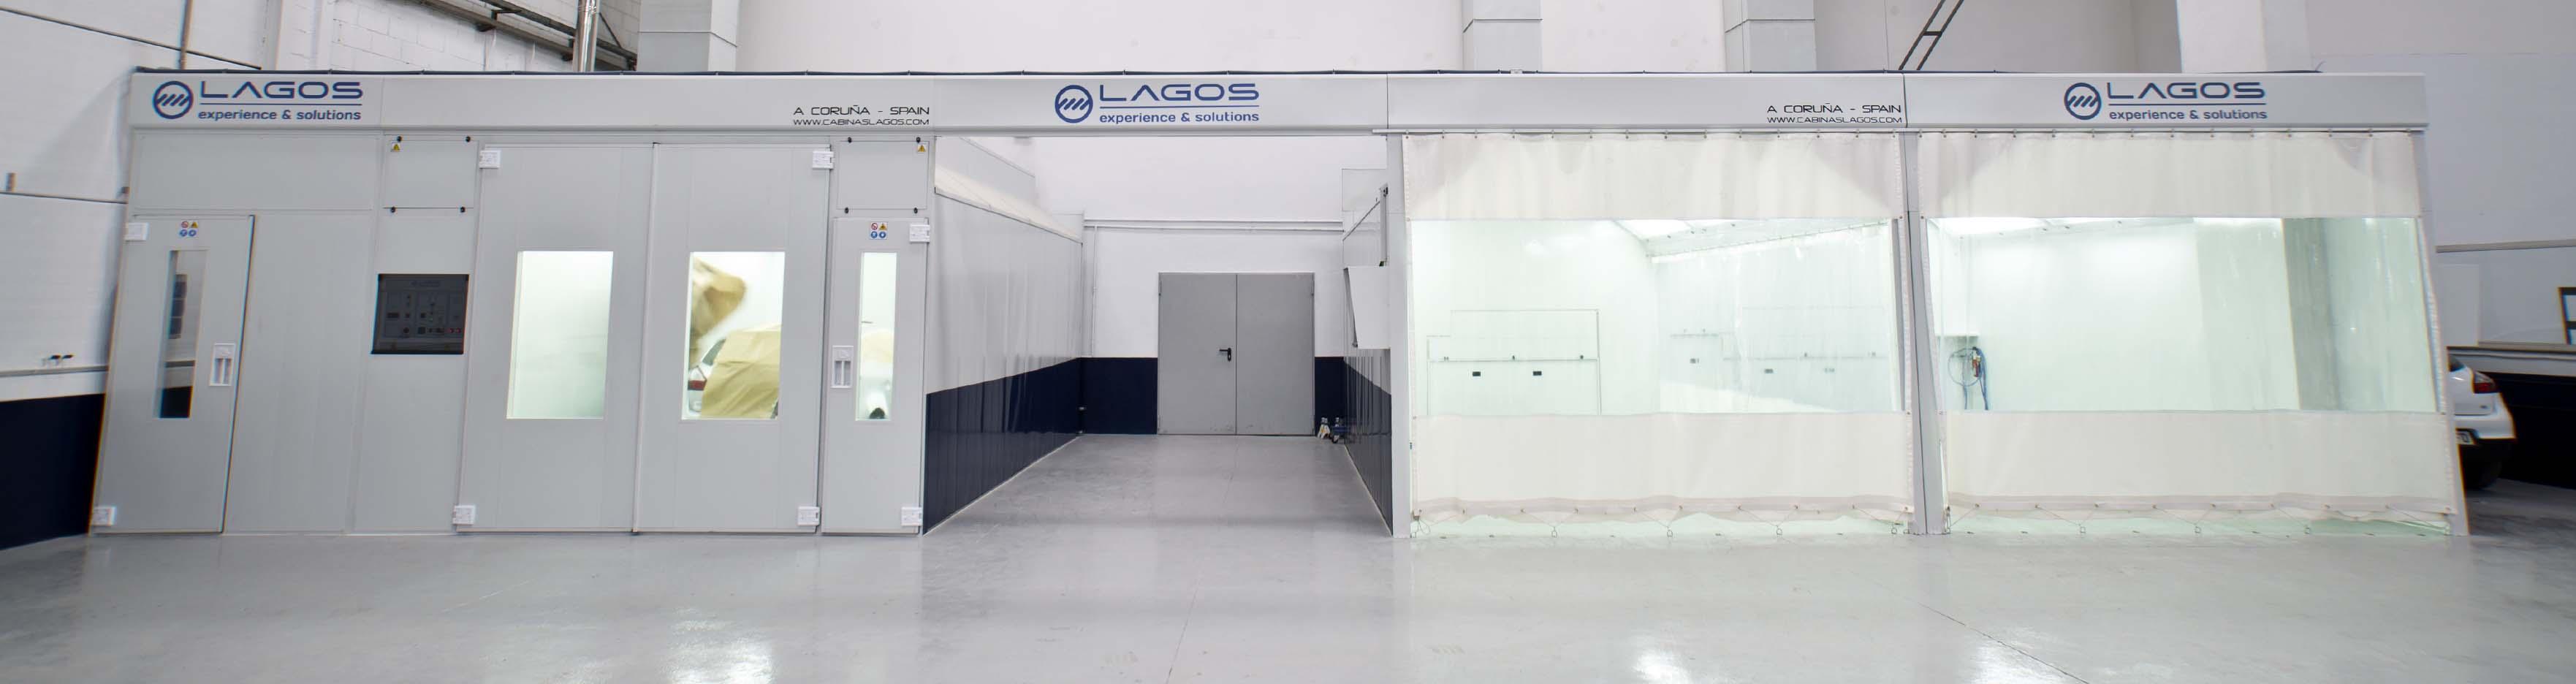 C LAGOS-003